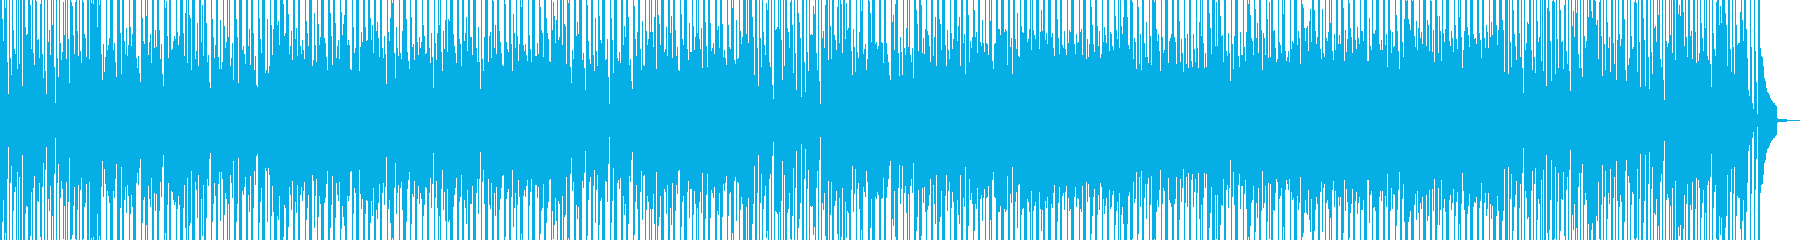 マリオのようなアクションゲームその2の再生済みの波形